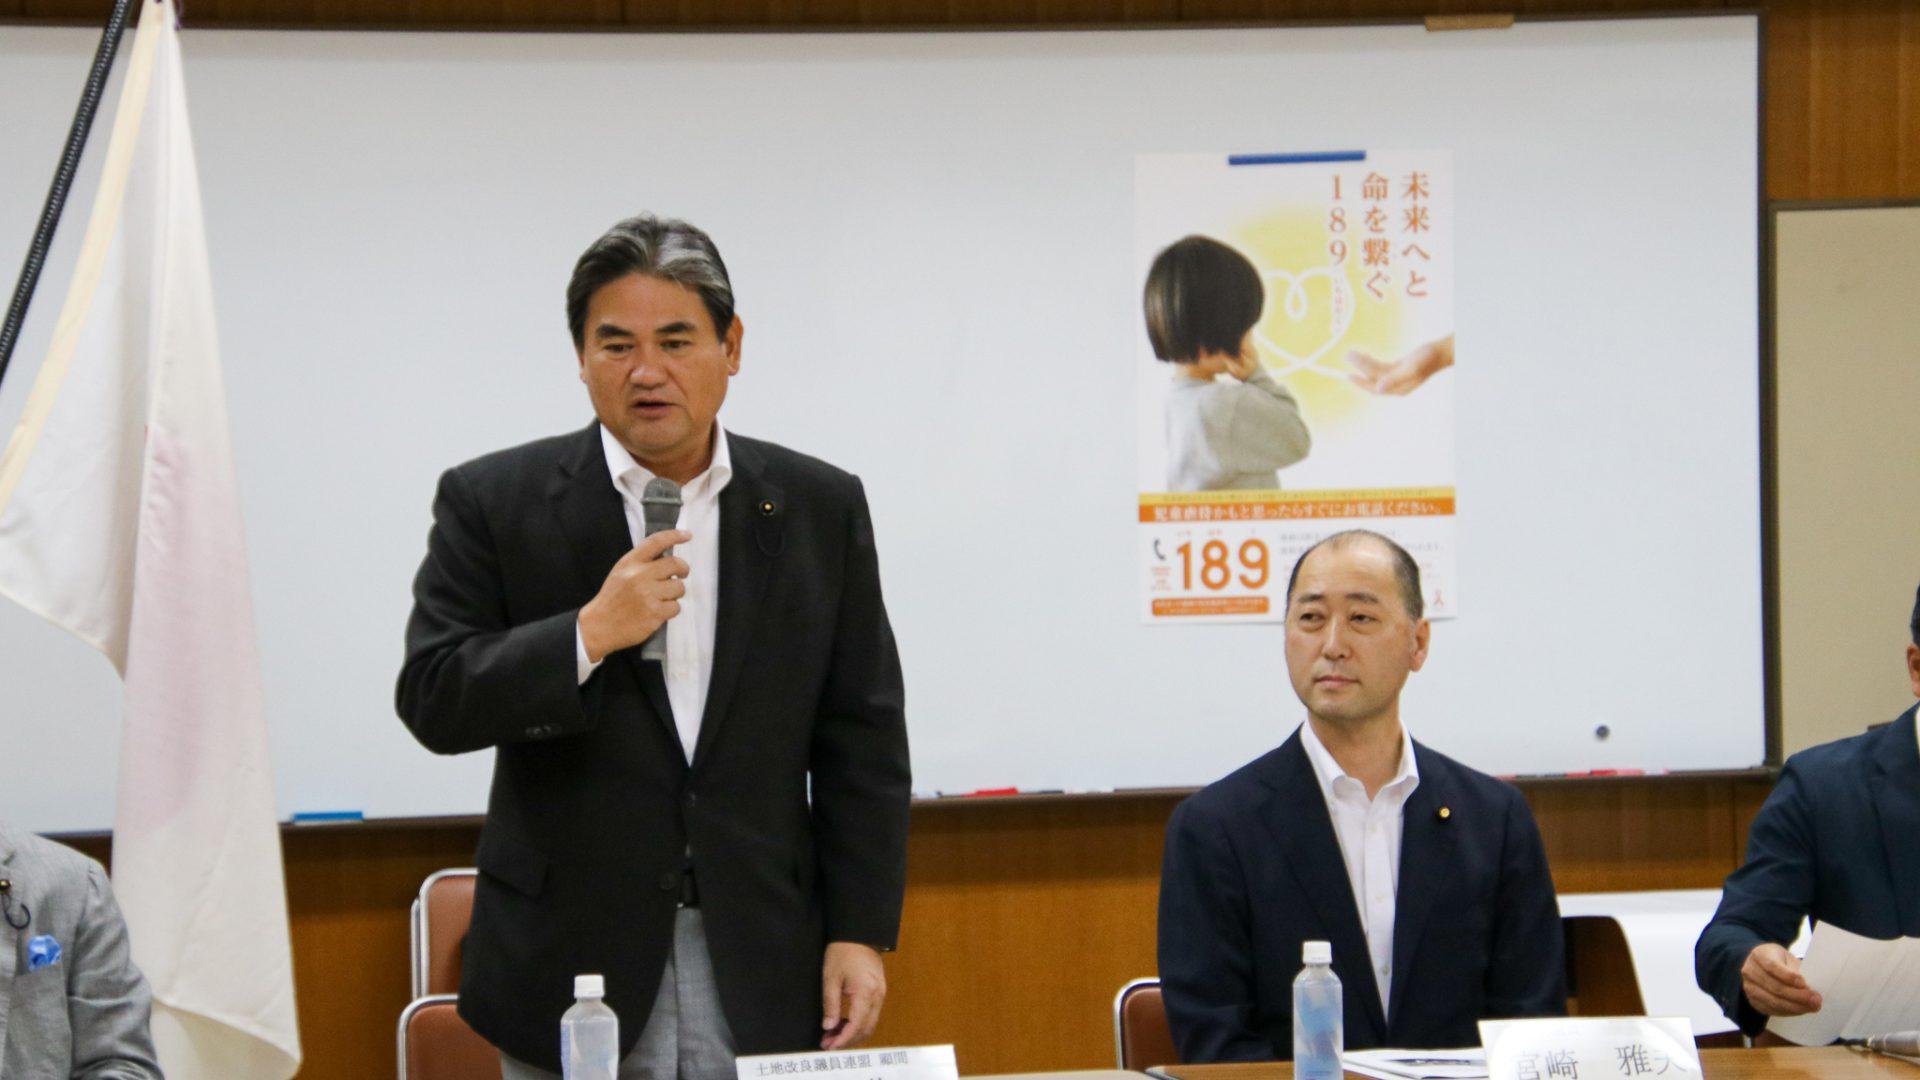 宮崎雅夫 参議院議員 県連訪問 | 自由民主党 熊本県支部連合会 熊本 ...